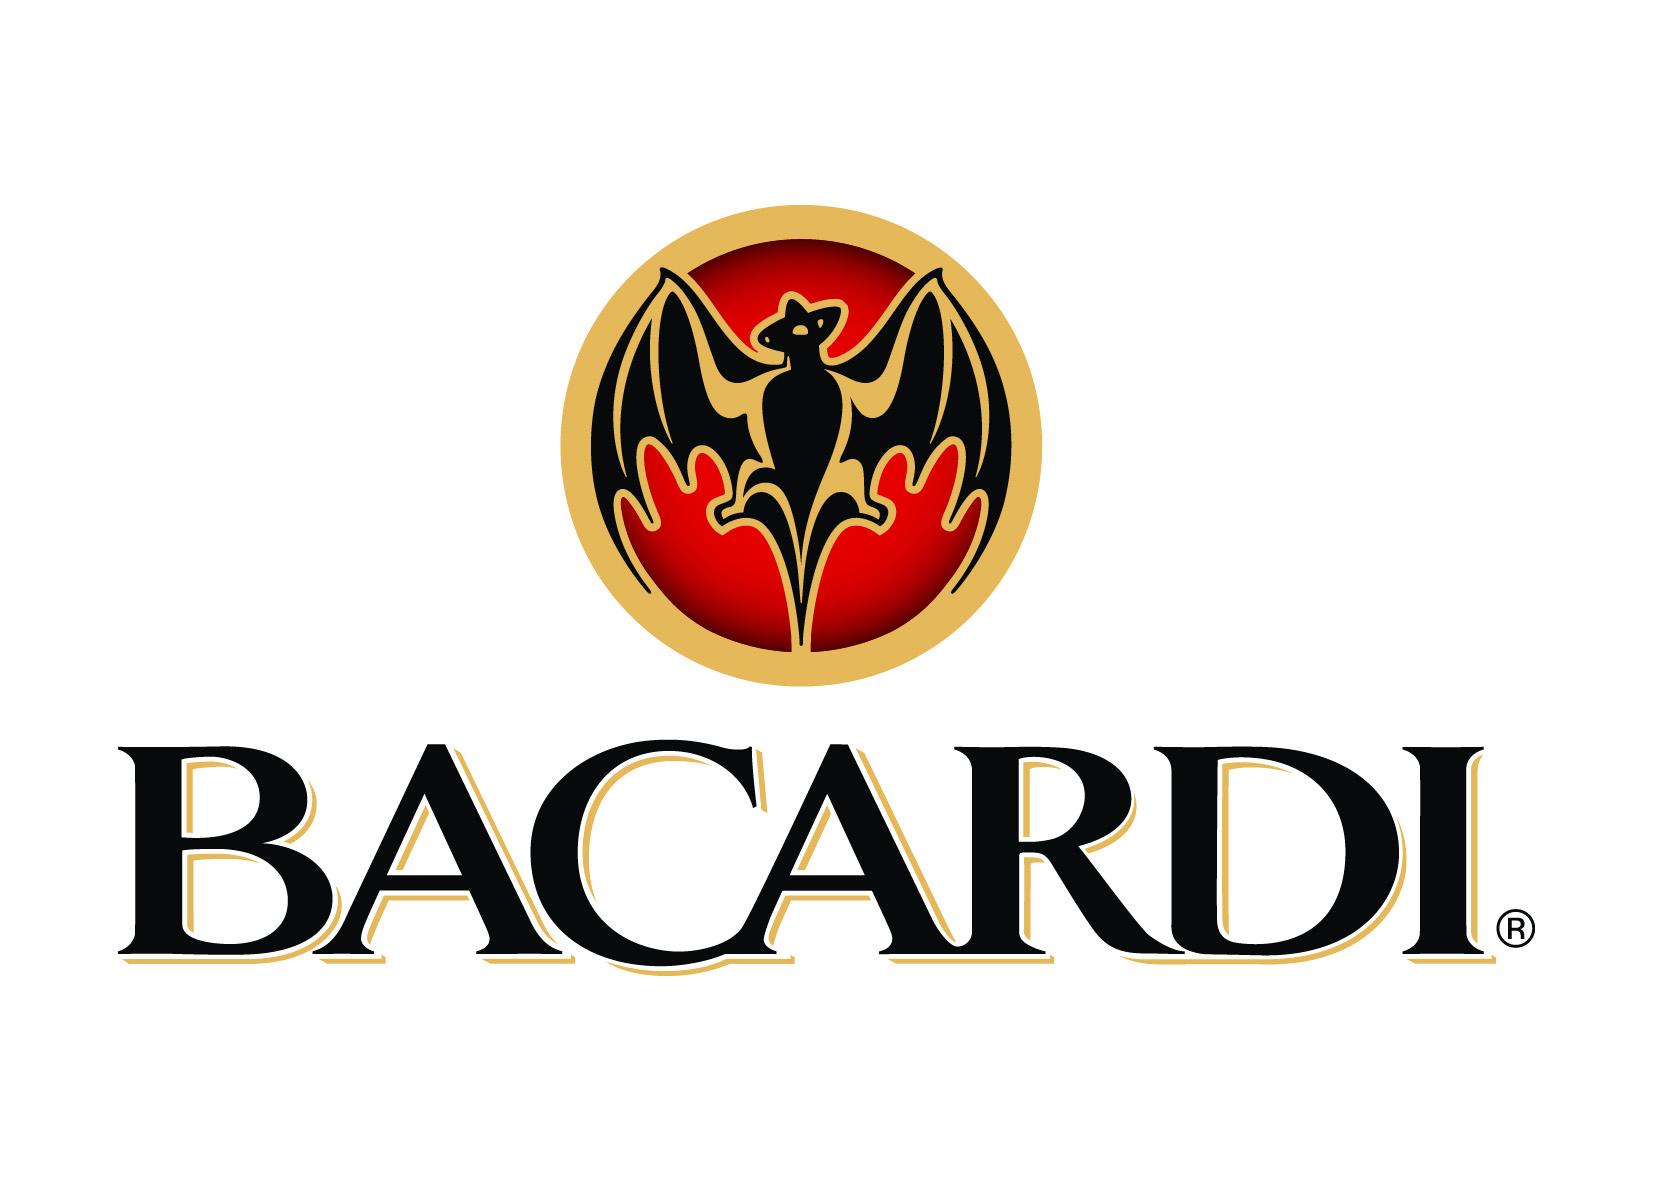 Bacardi logo Wallpaper